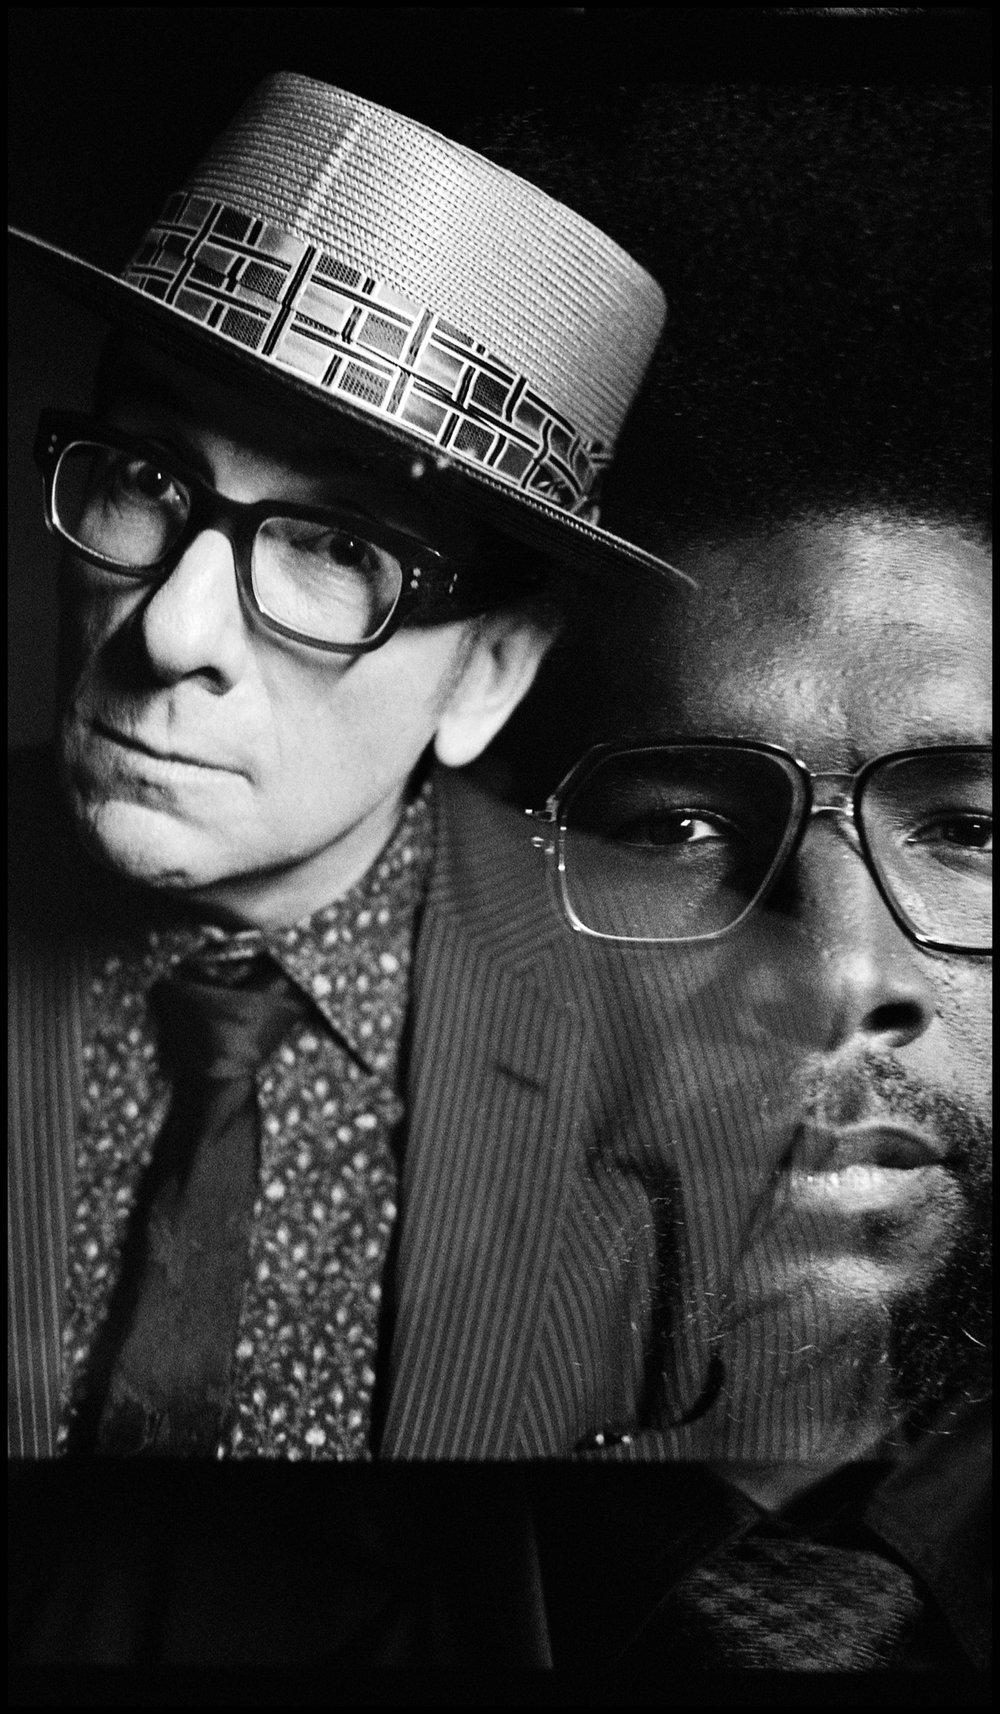 Elvis Costello_Questlove_Danny Clinch Photographer_Rebecca PIetri Stylist _Questlove_Duo_3.jpg